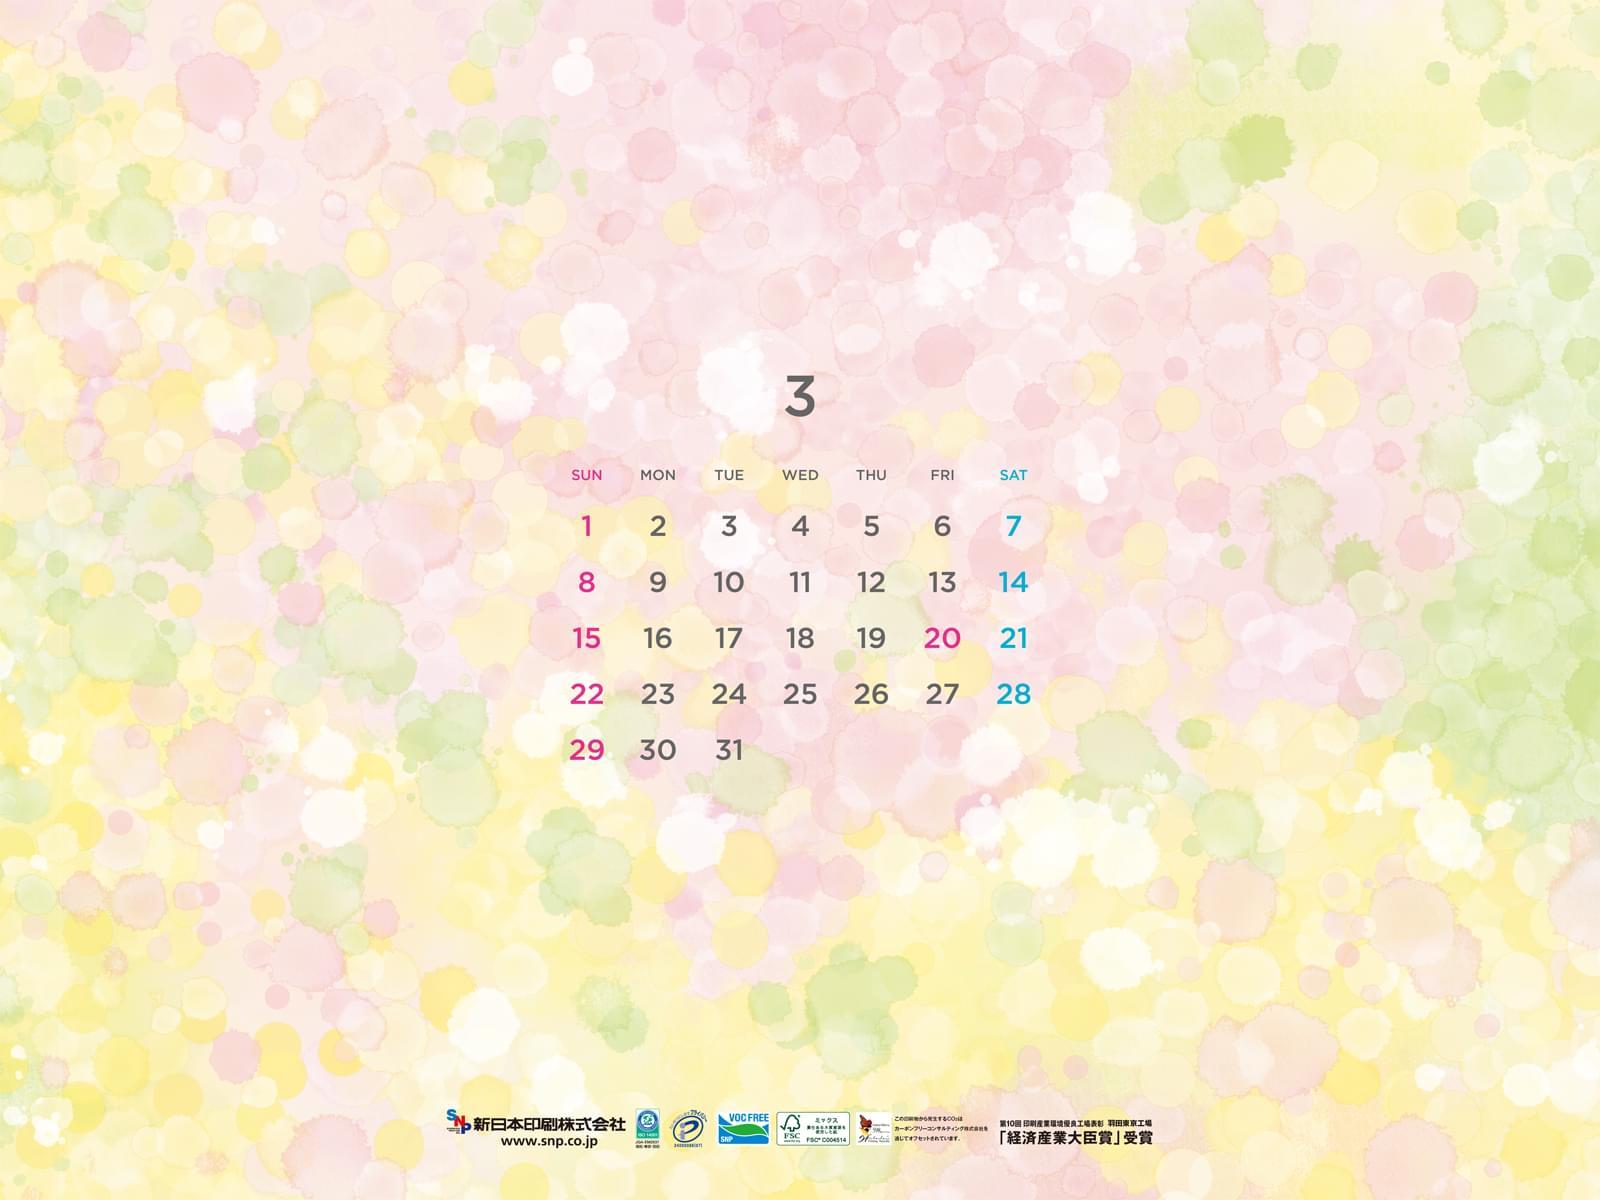 カレンダー 壁紙 ダウンロード Snp 新日本印刷株式会社は地球に